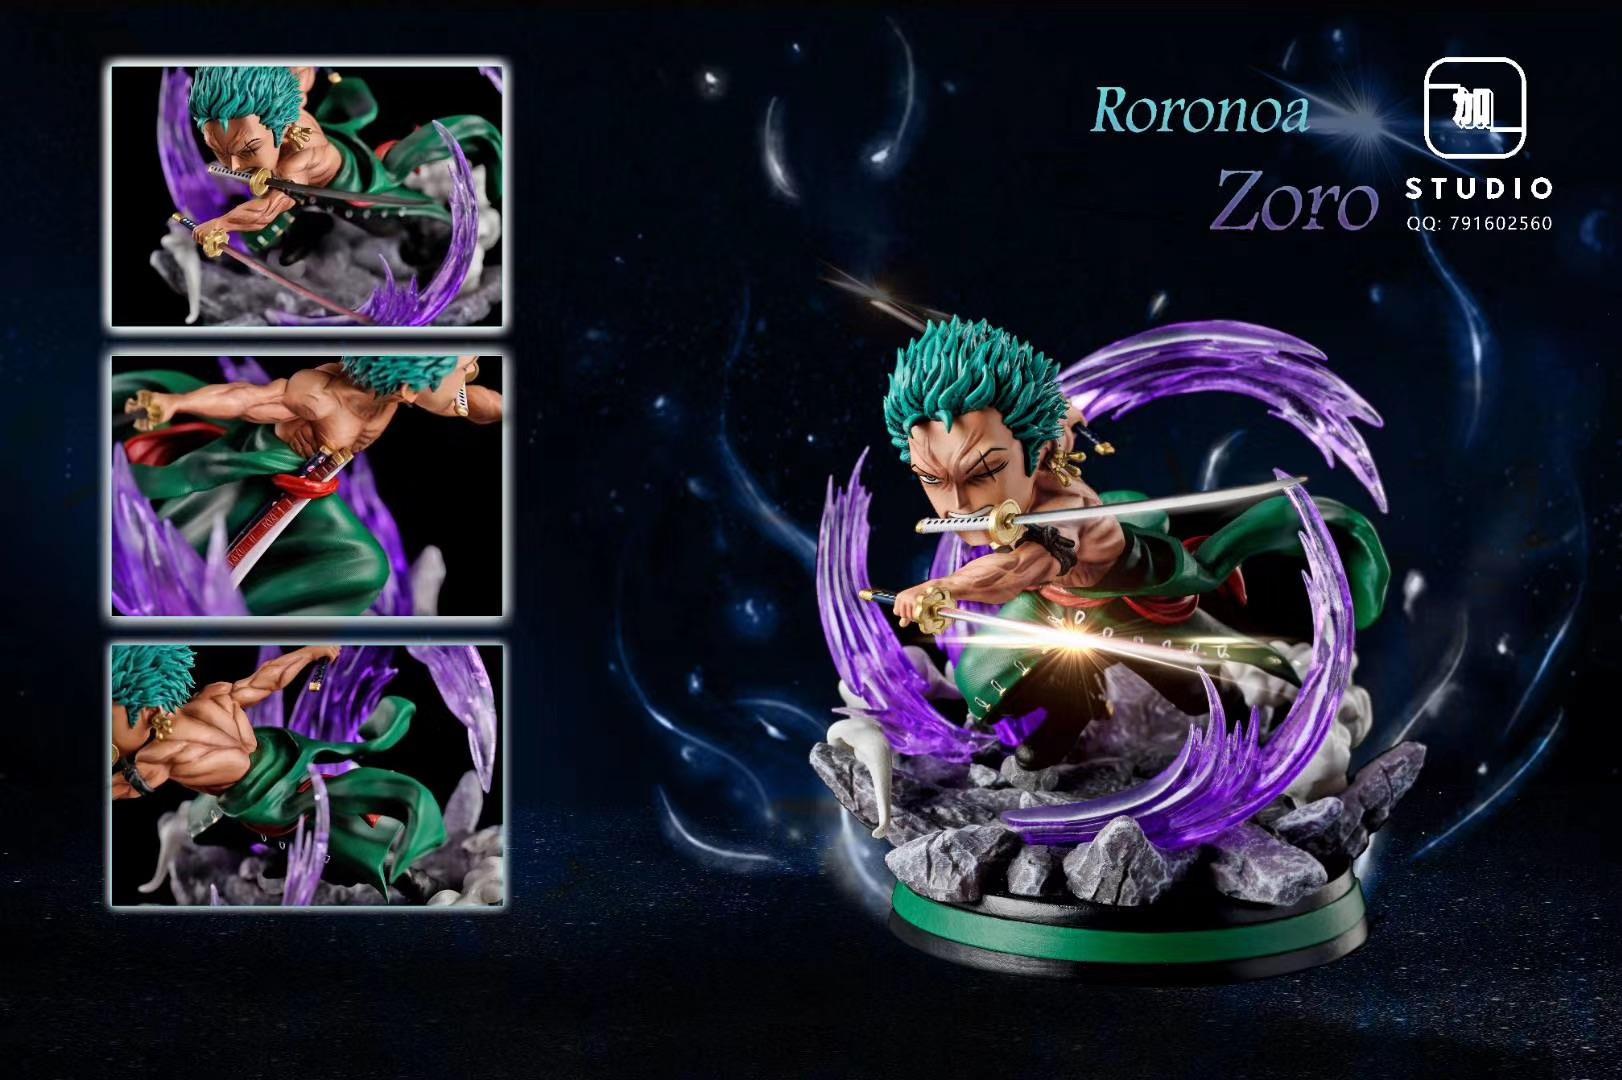 Roronoa Zoro Add One Studio (มัดจำ)